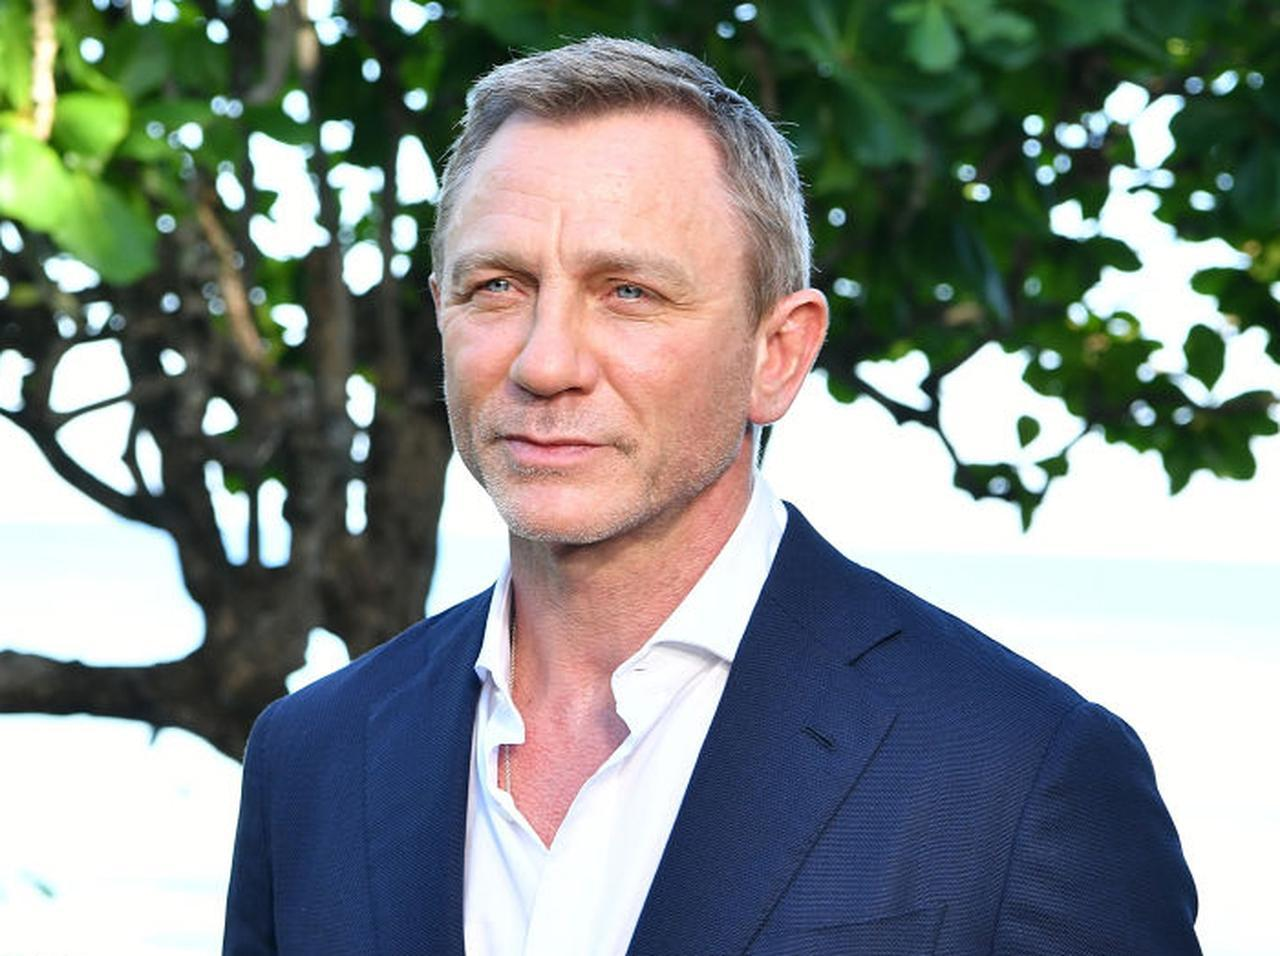 画像: ダニエル・クレイグ、『007 スペクター』での卒業を考えていた